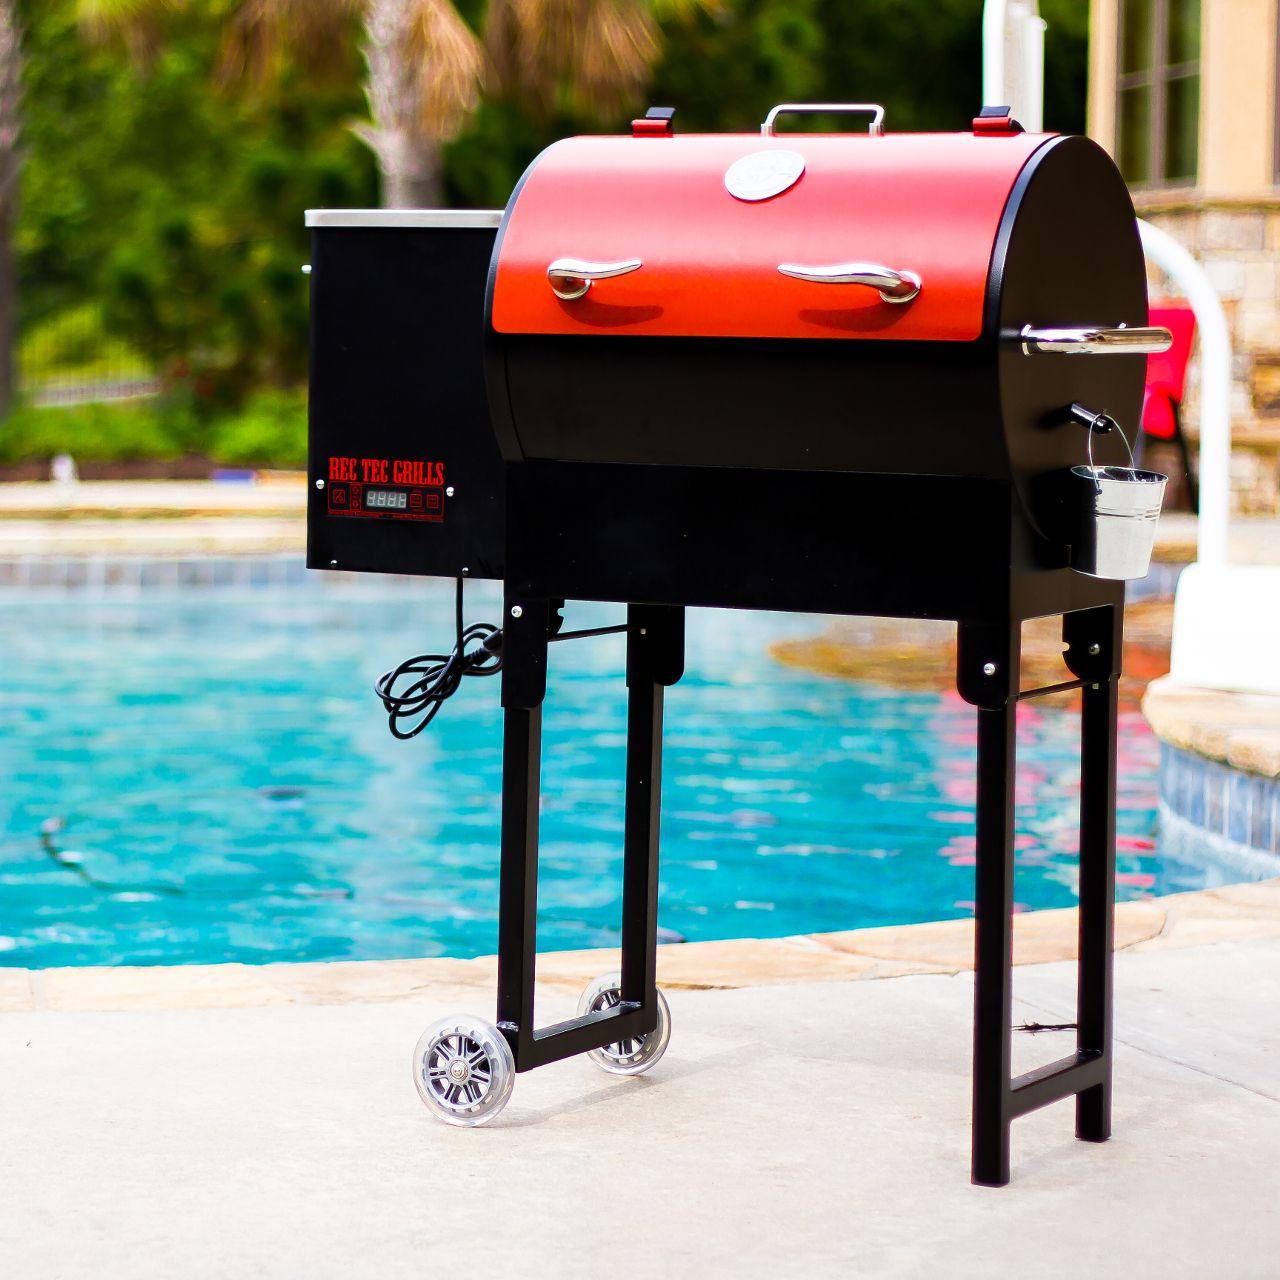 rec tec mini portable wood pellet grill rt300 - Wood Pellet Grill